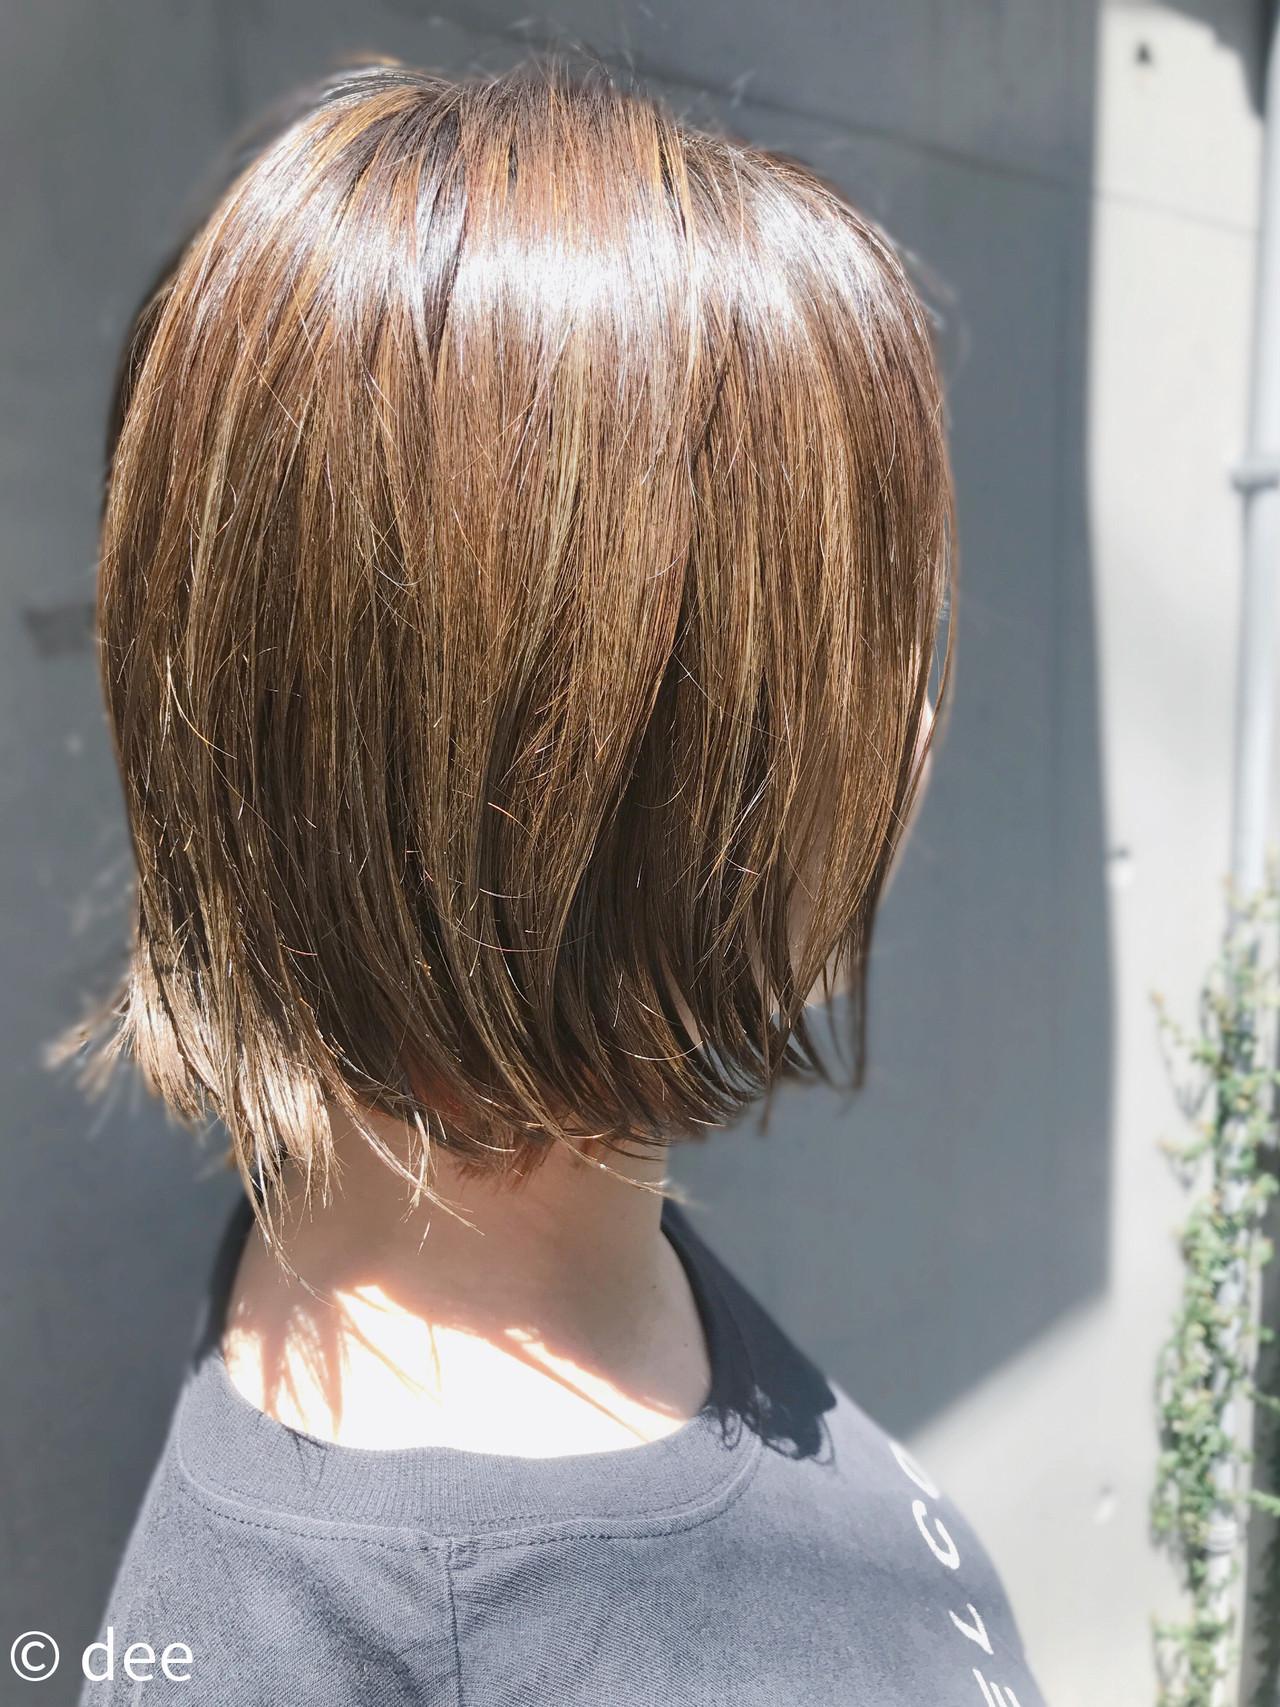 ブリーチ ハイライト 外国人風 カーキ ヘアスタイルや髪型の写真・画像 | dee / dee